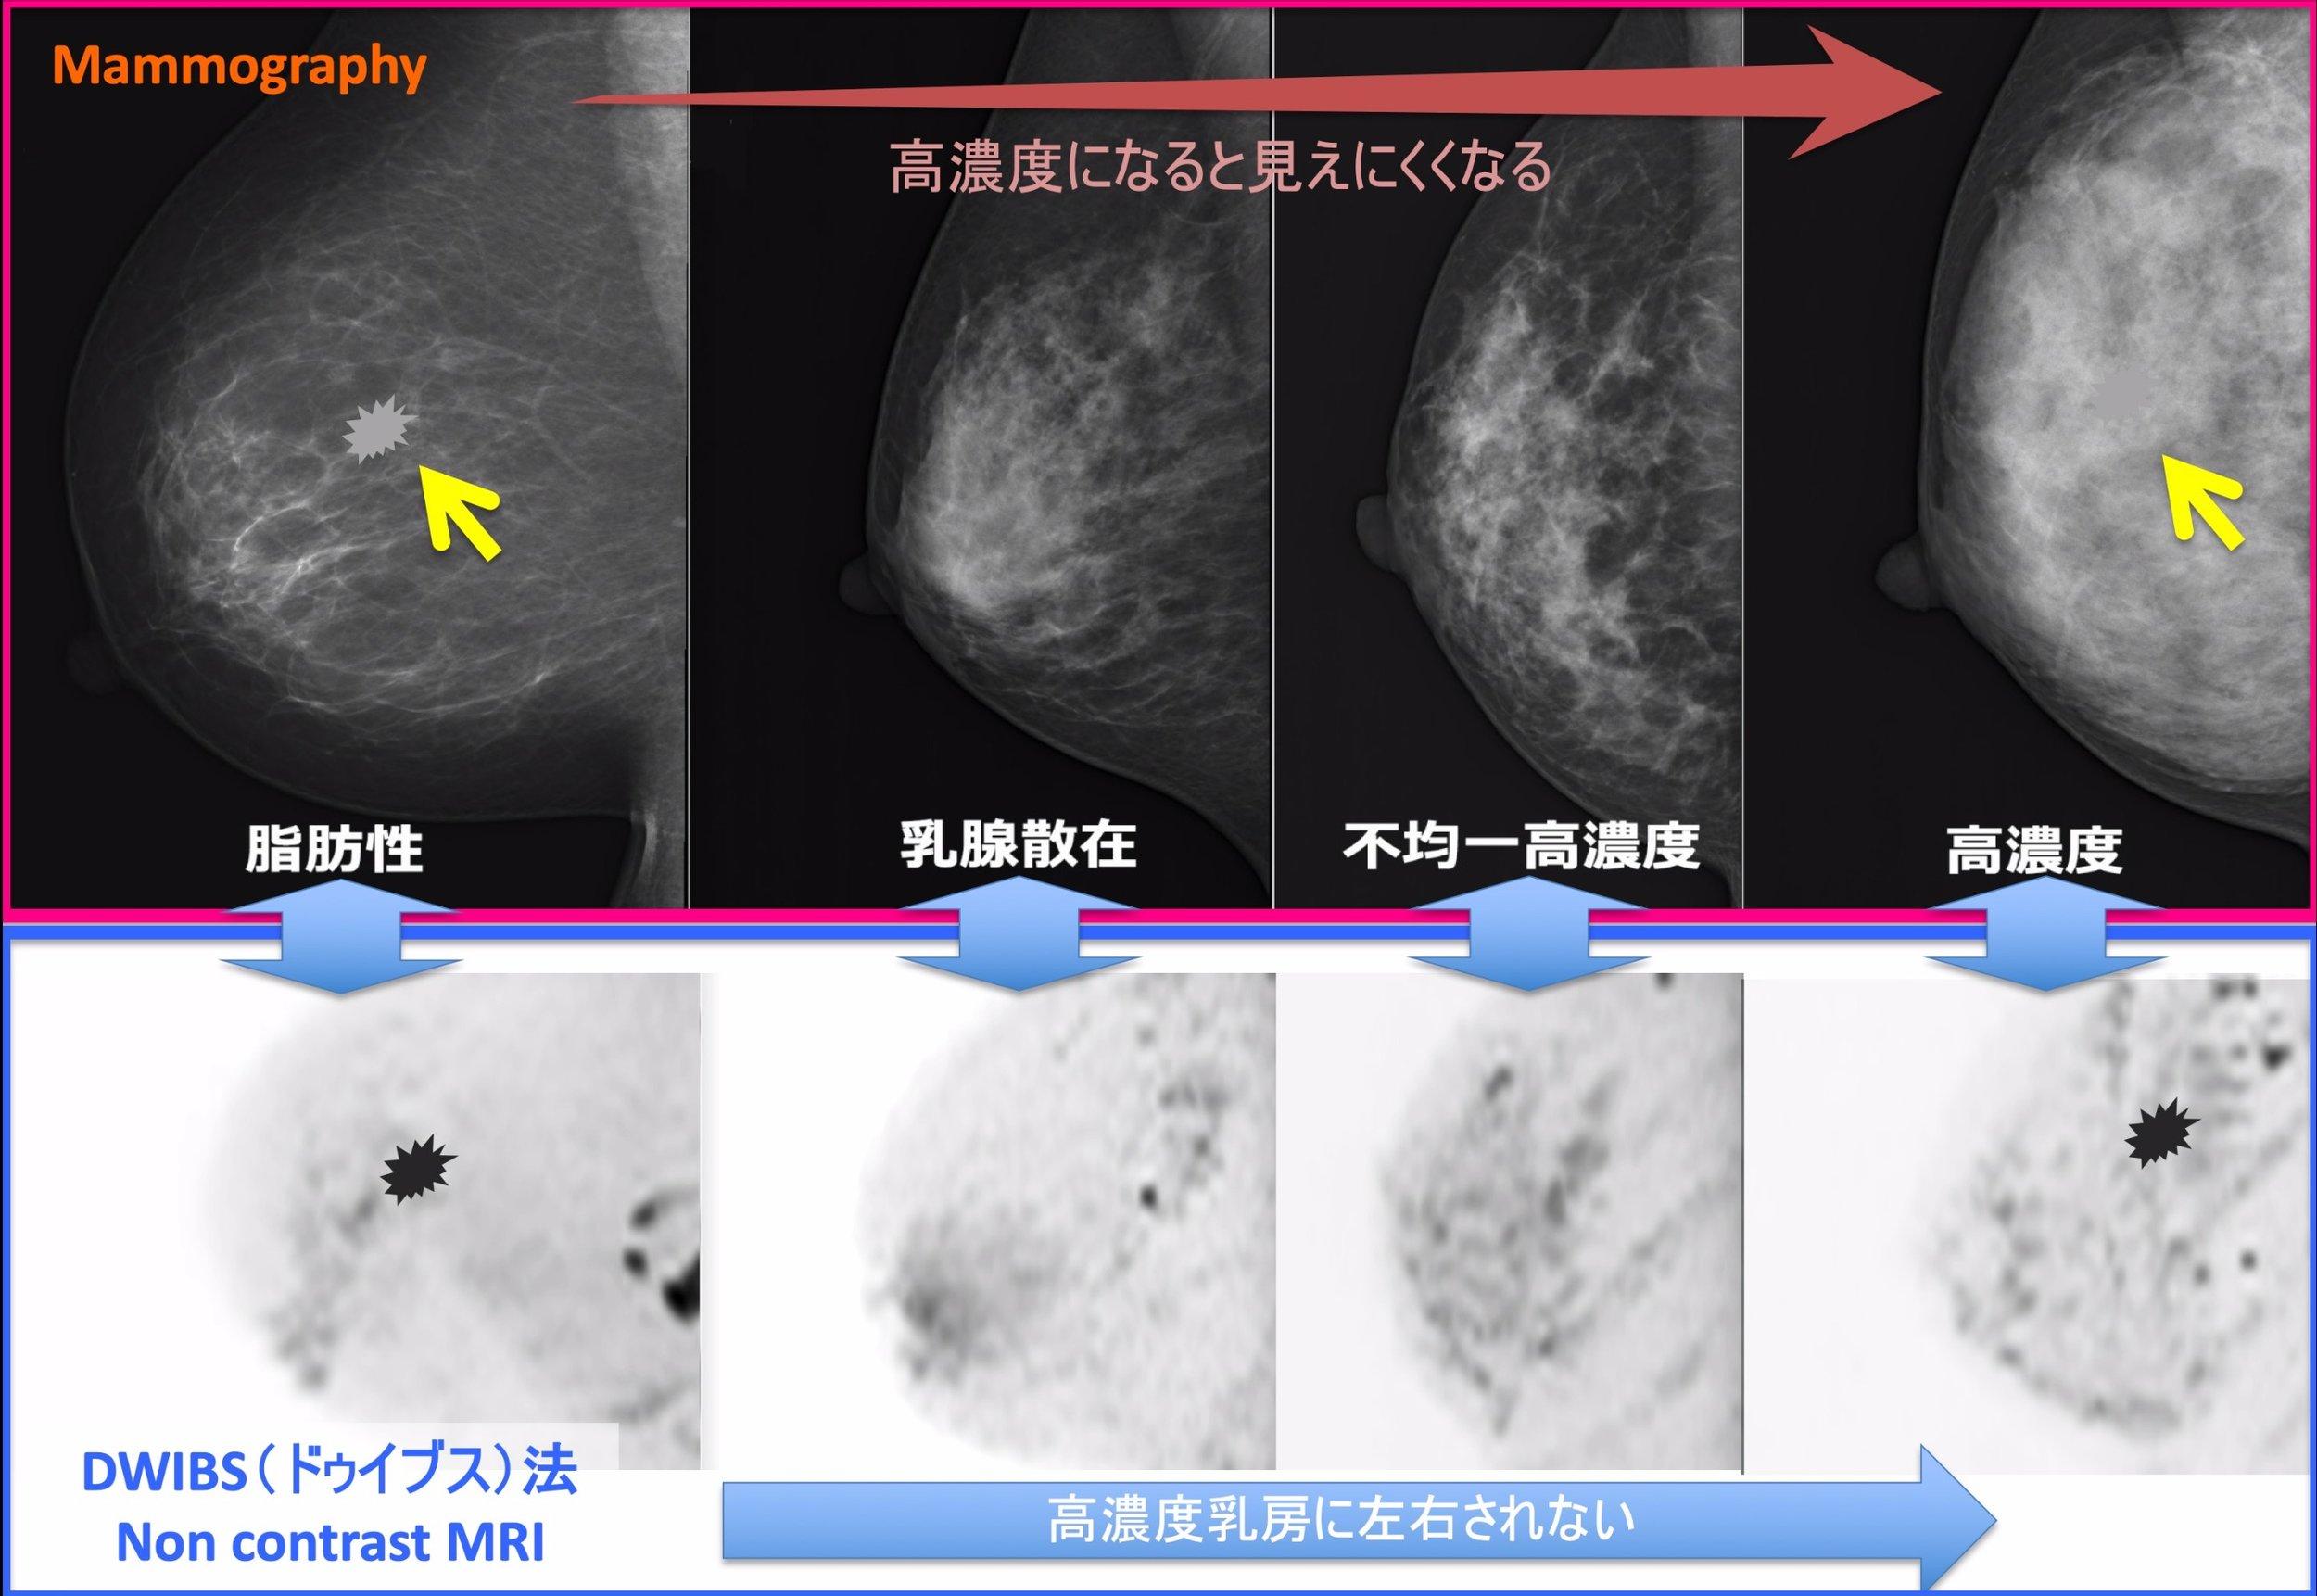 dense_breast.jpg